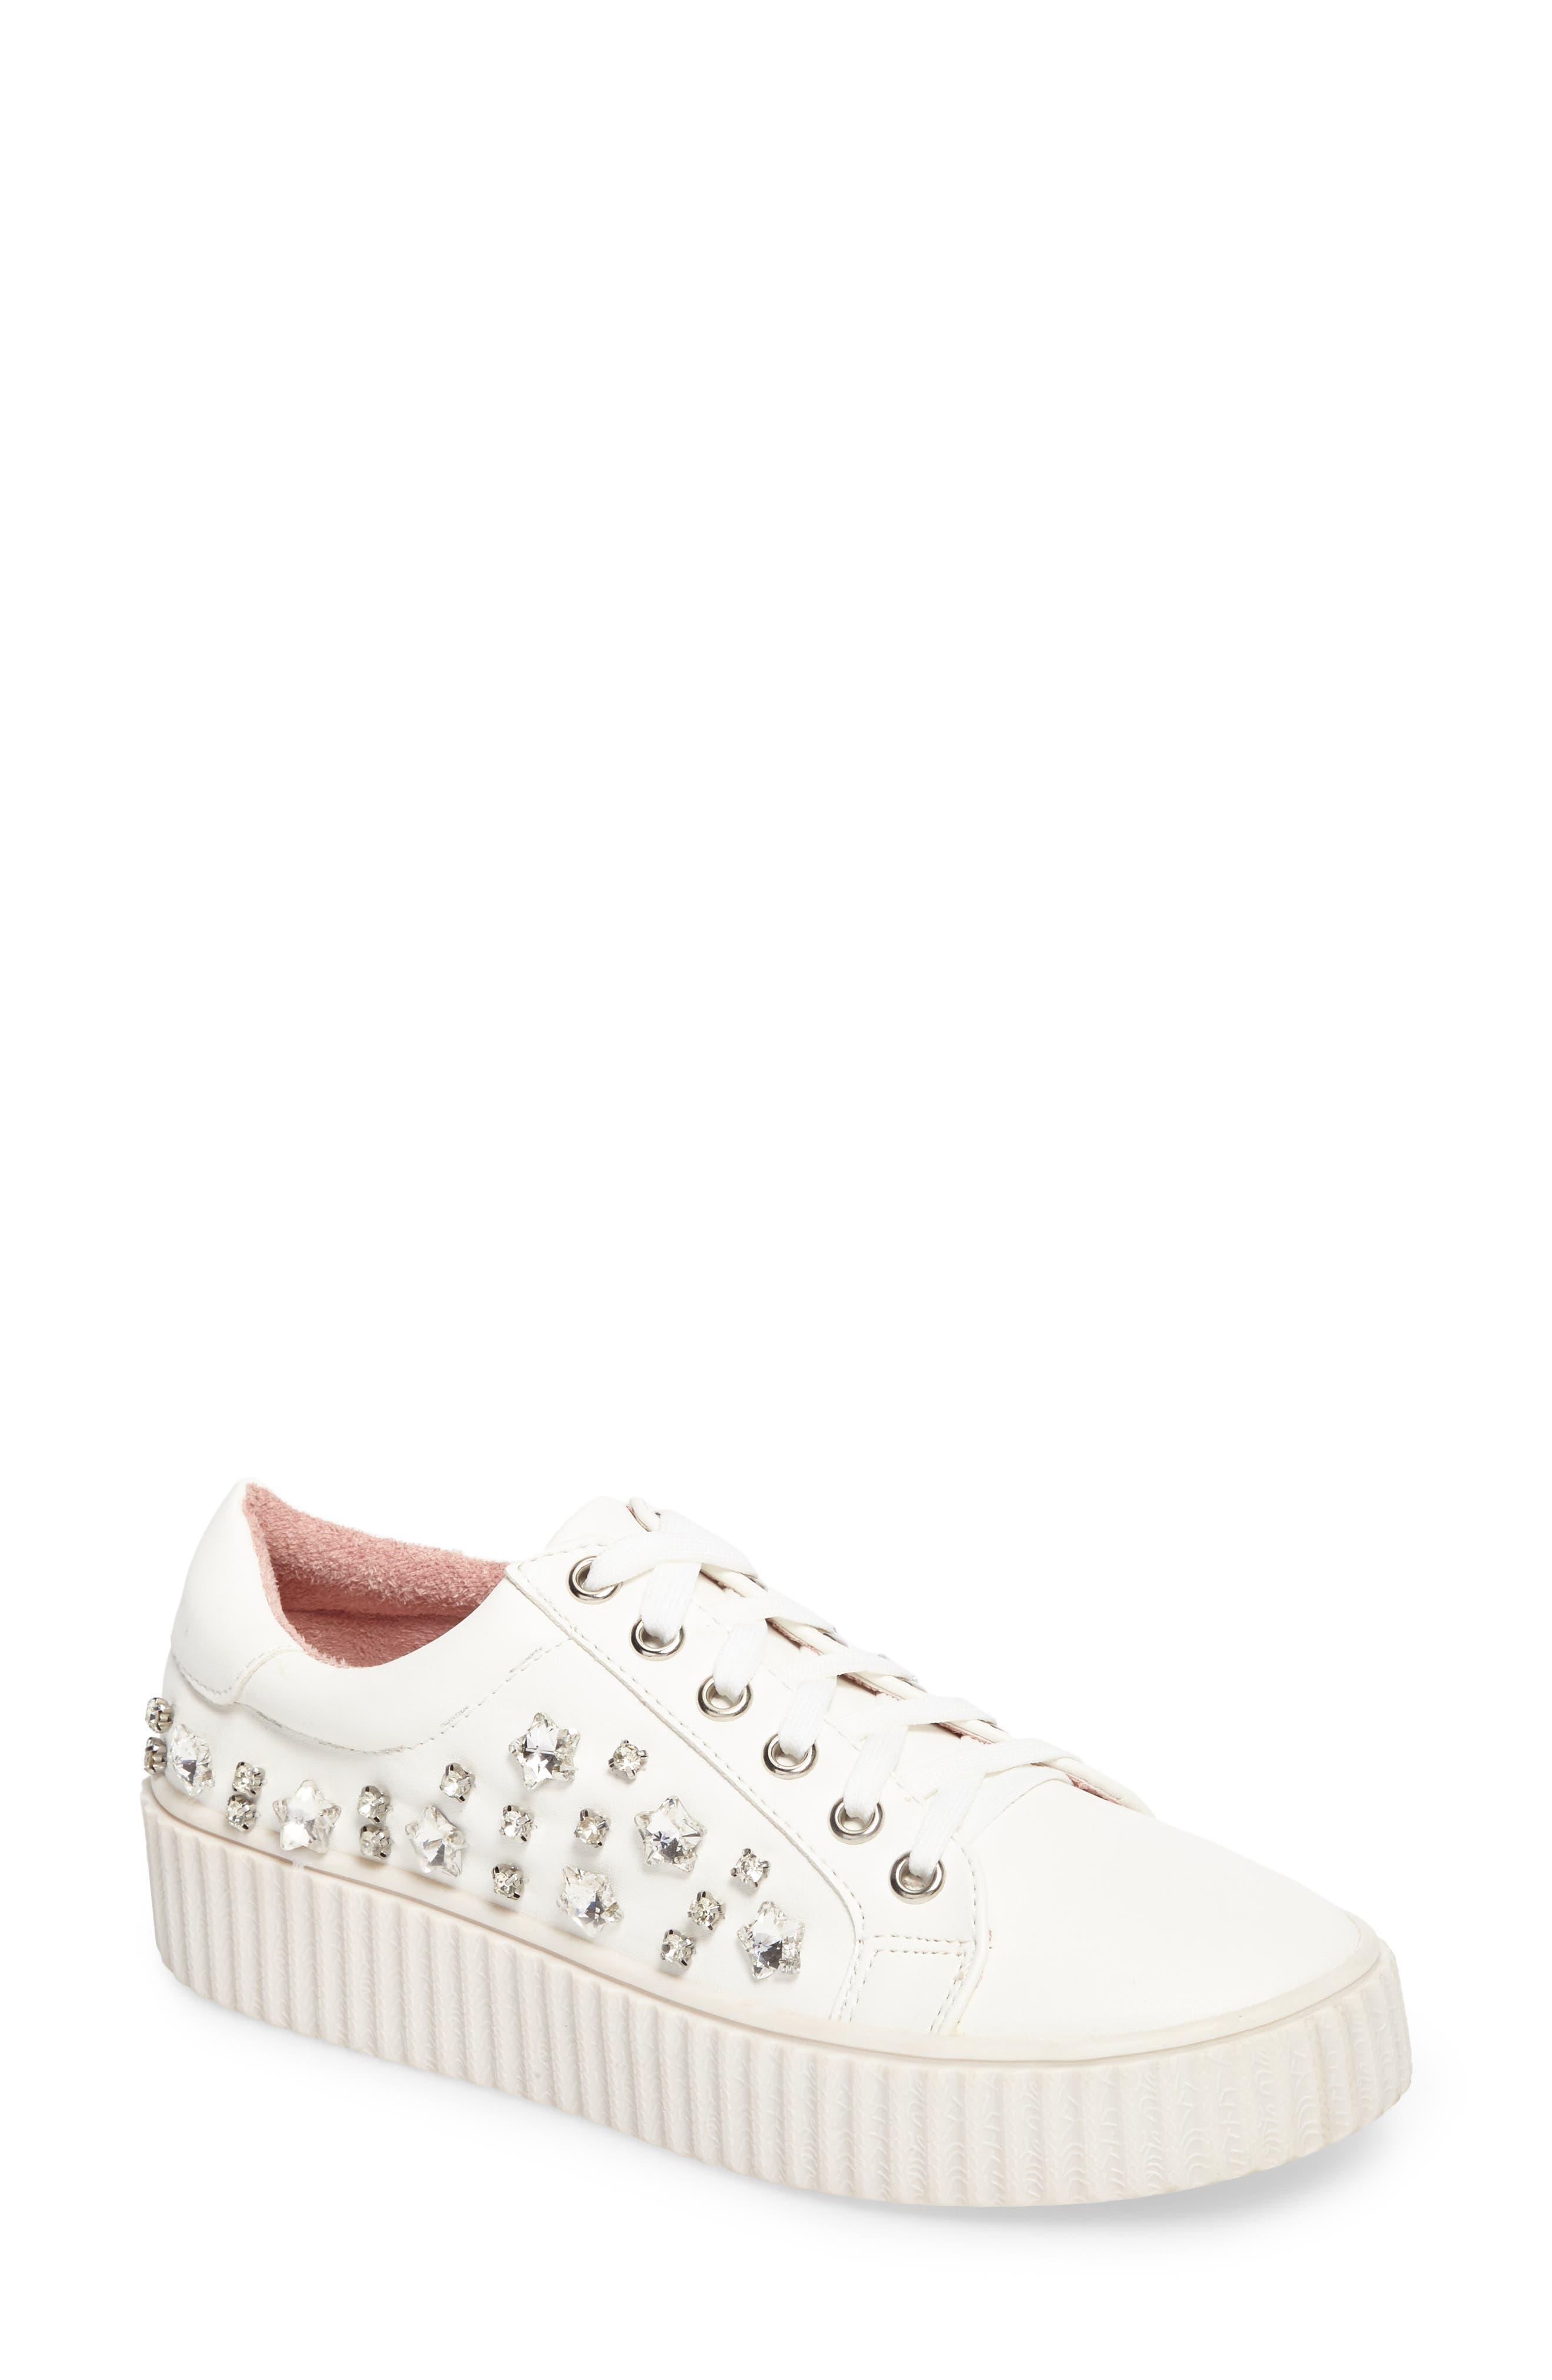 Pam Embellished Platform Sneaker,                         Main,                         color, White